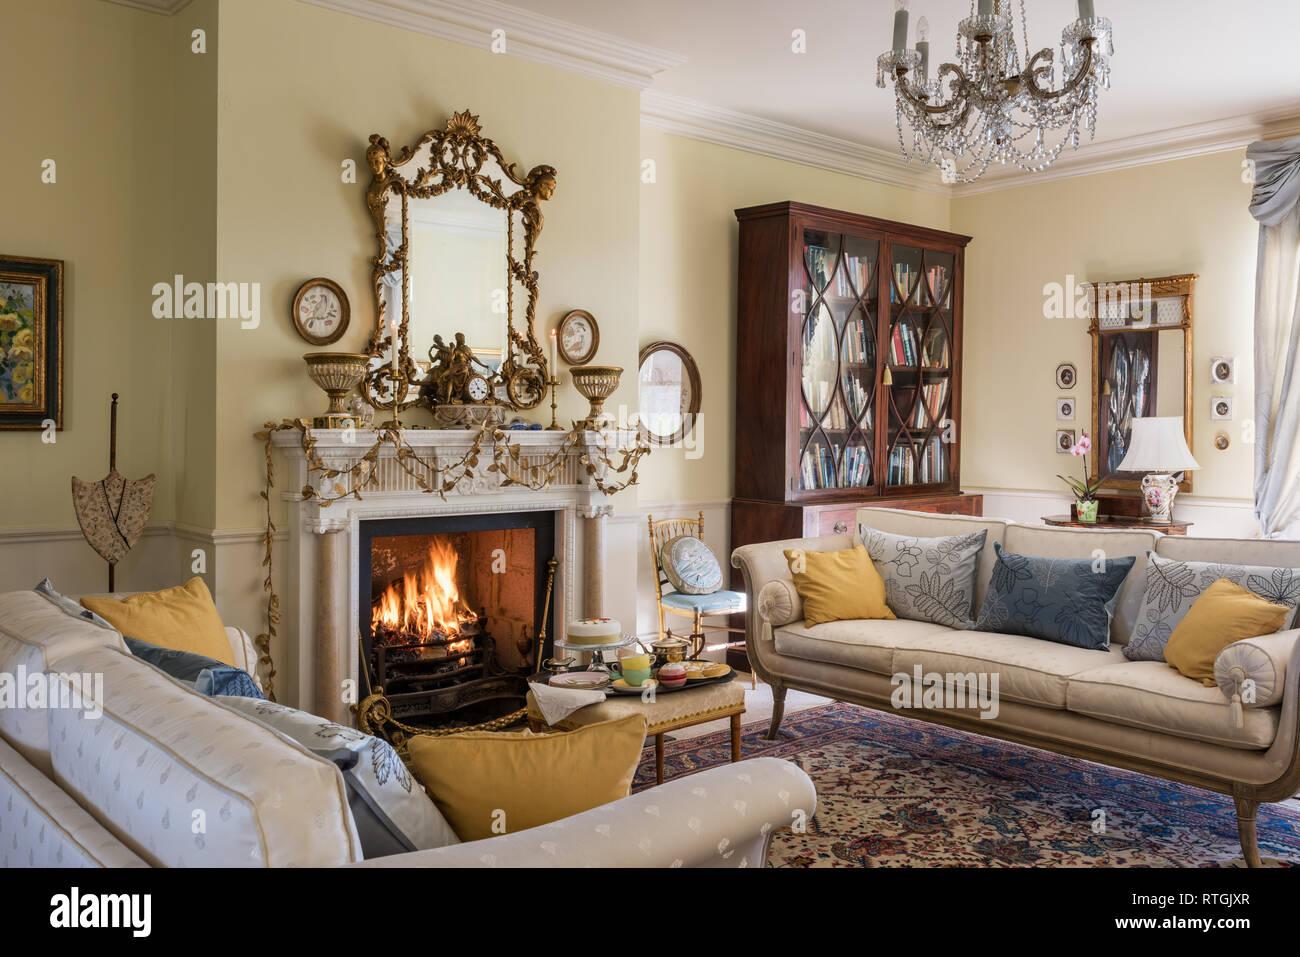 Tappeto orientale con stile regency divani e foglia oro garland sul ...